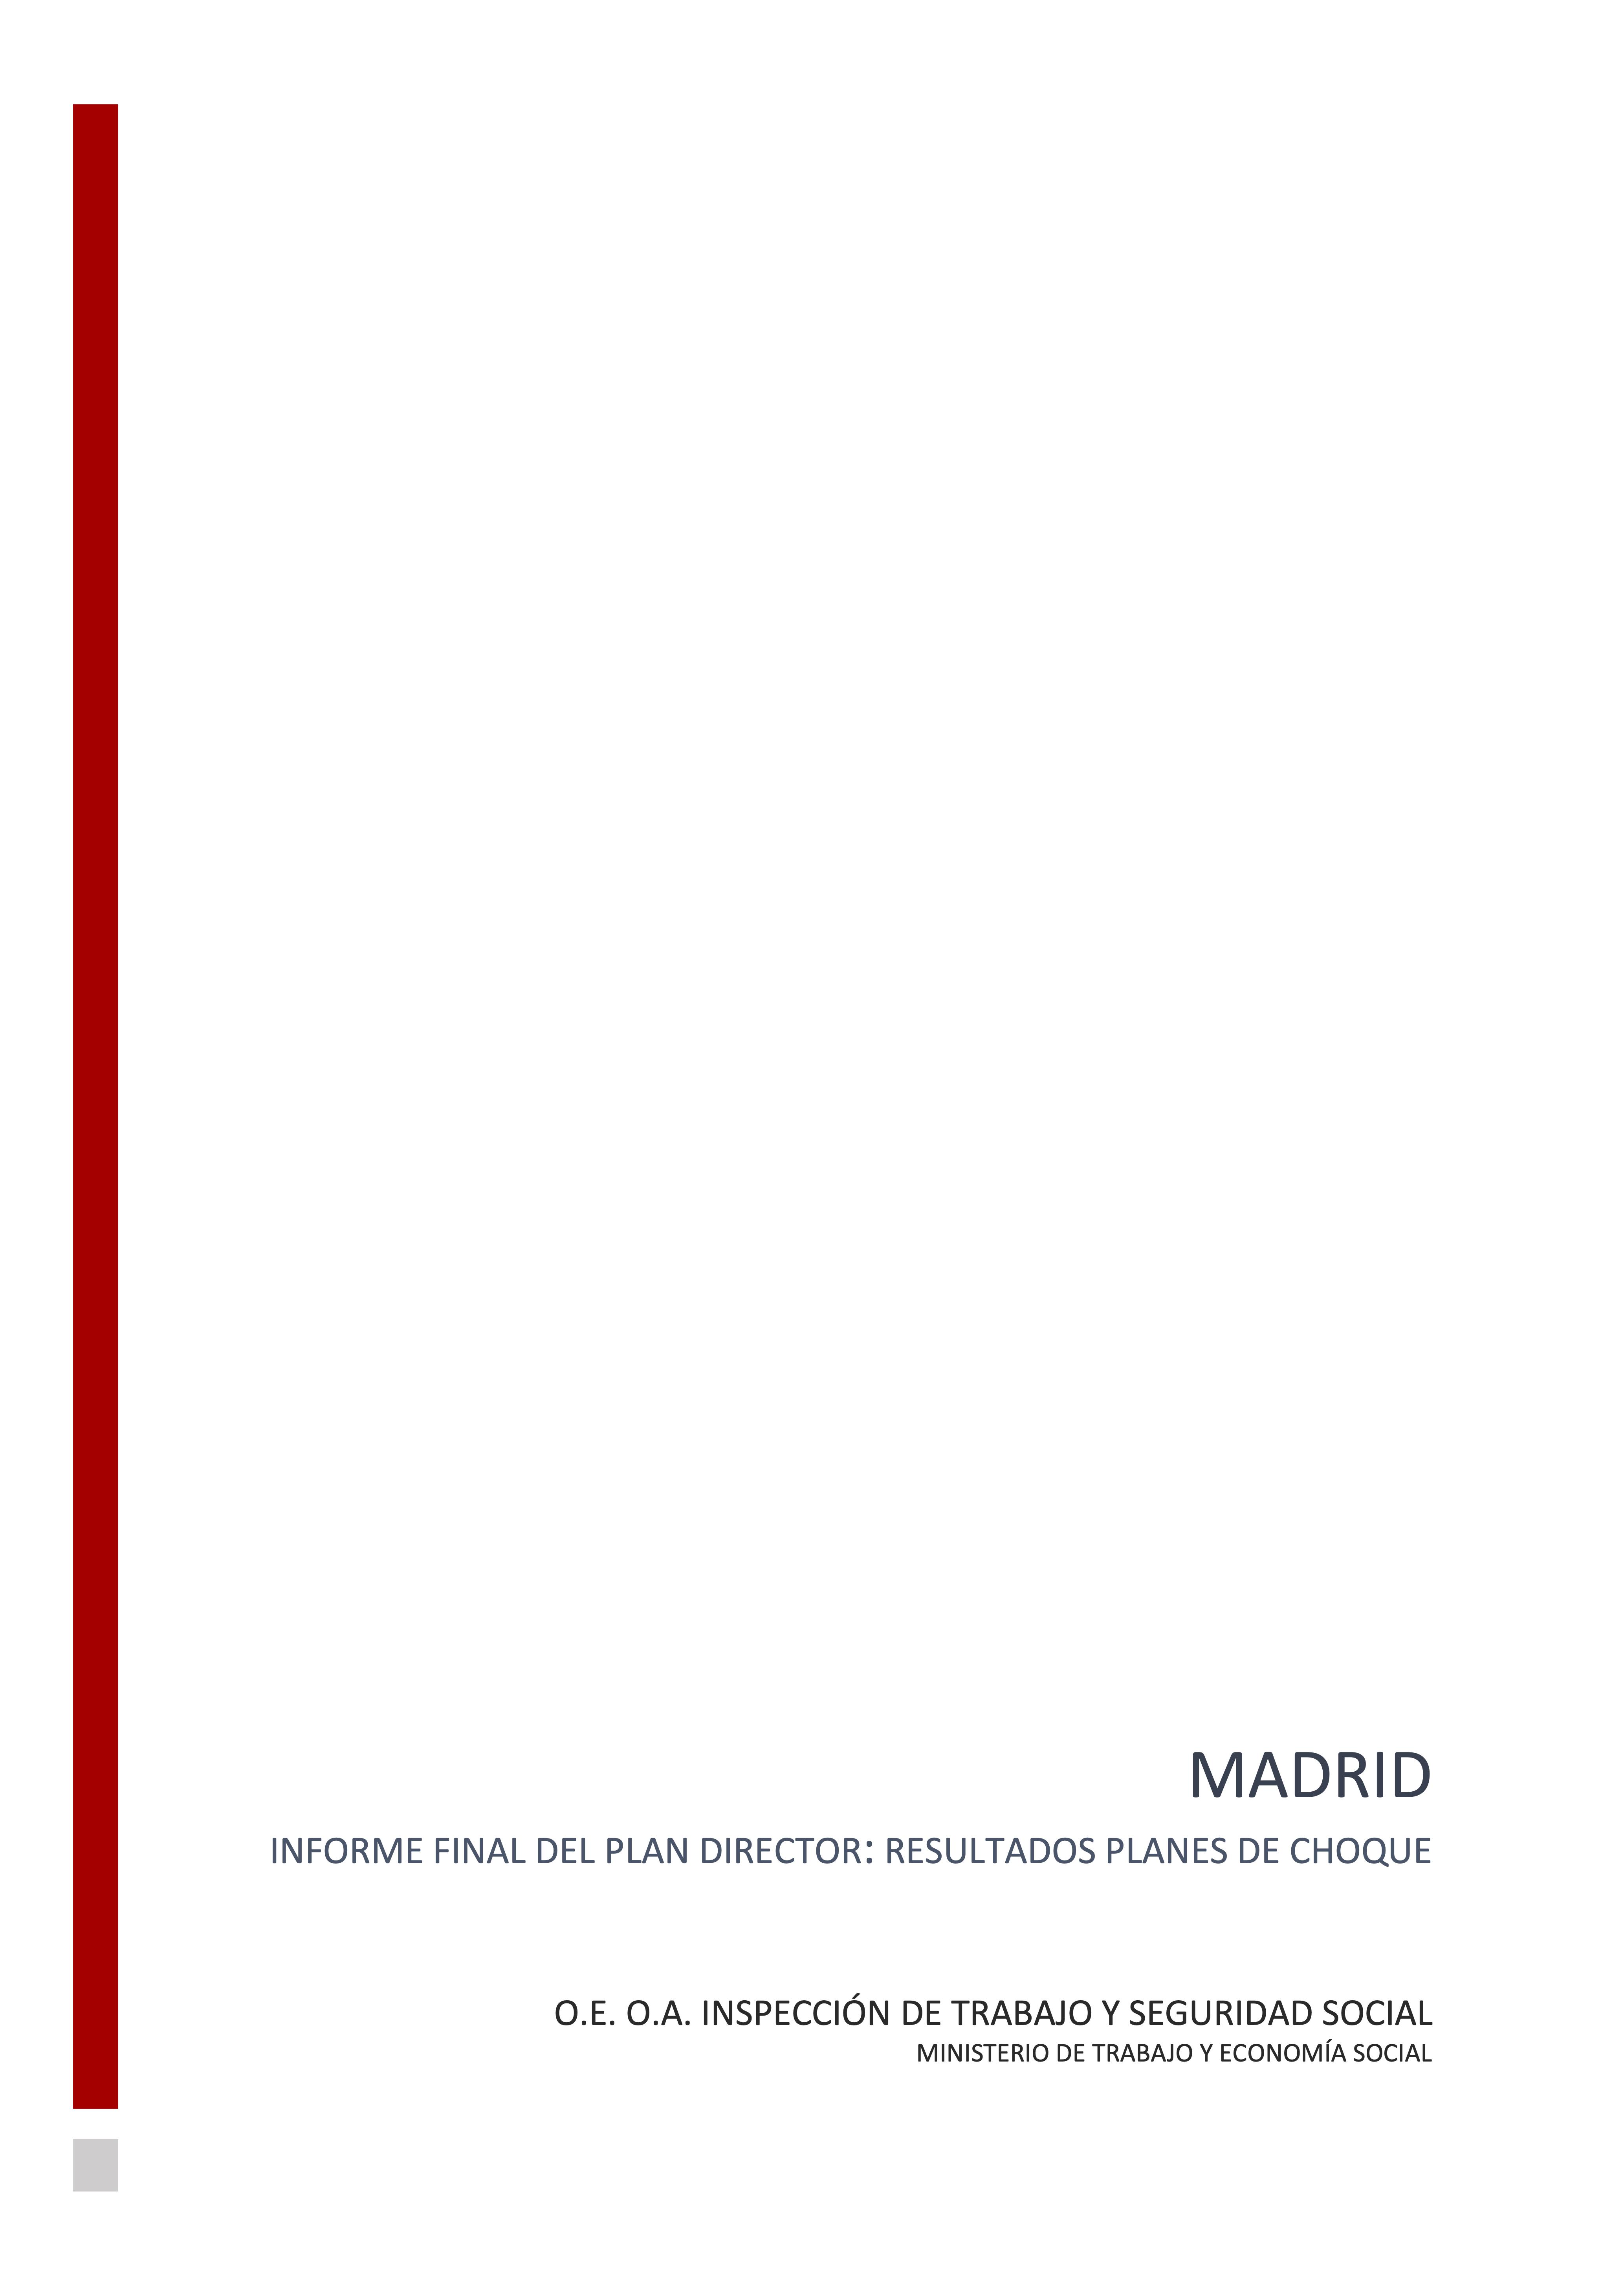 INFORME FINAL DEL PLAN DIRECTOR. RESULTADOS PLANES DE CHOQUE MADRID